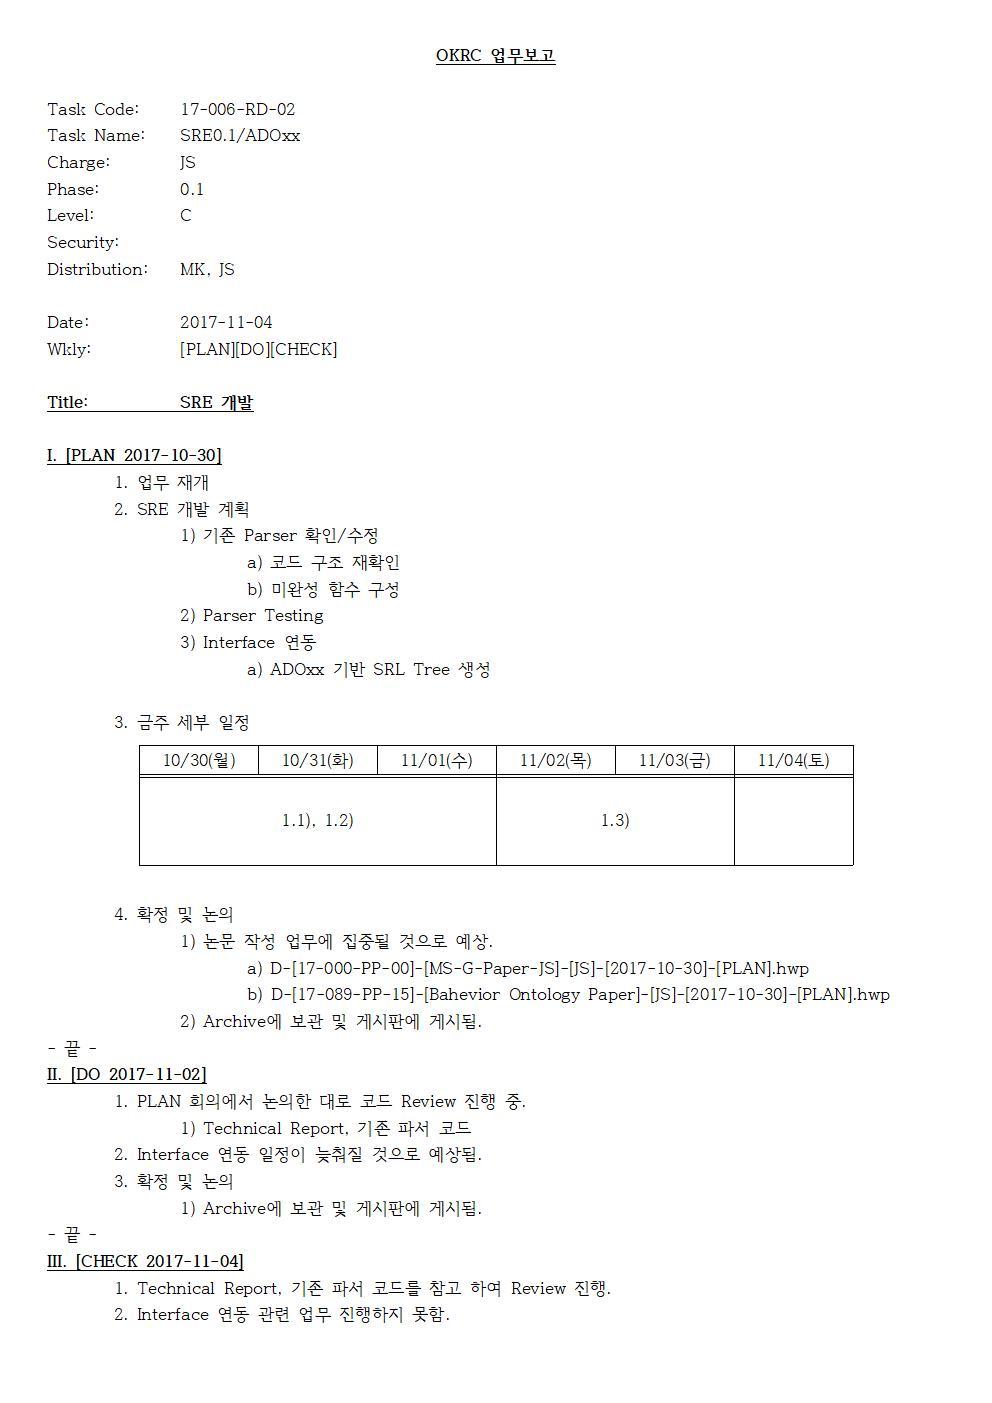 D-[17-006-RD-02]-[SRE01-ADOxx]-[JS]-[2017-11-04]-[PLAN][DO][CHECK]001.jpg